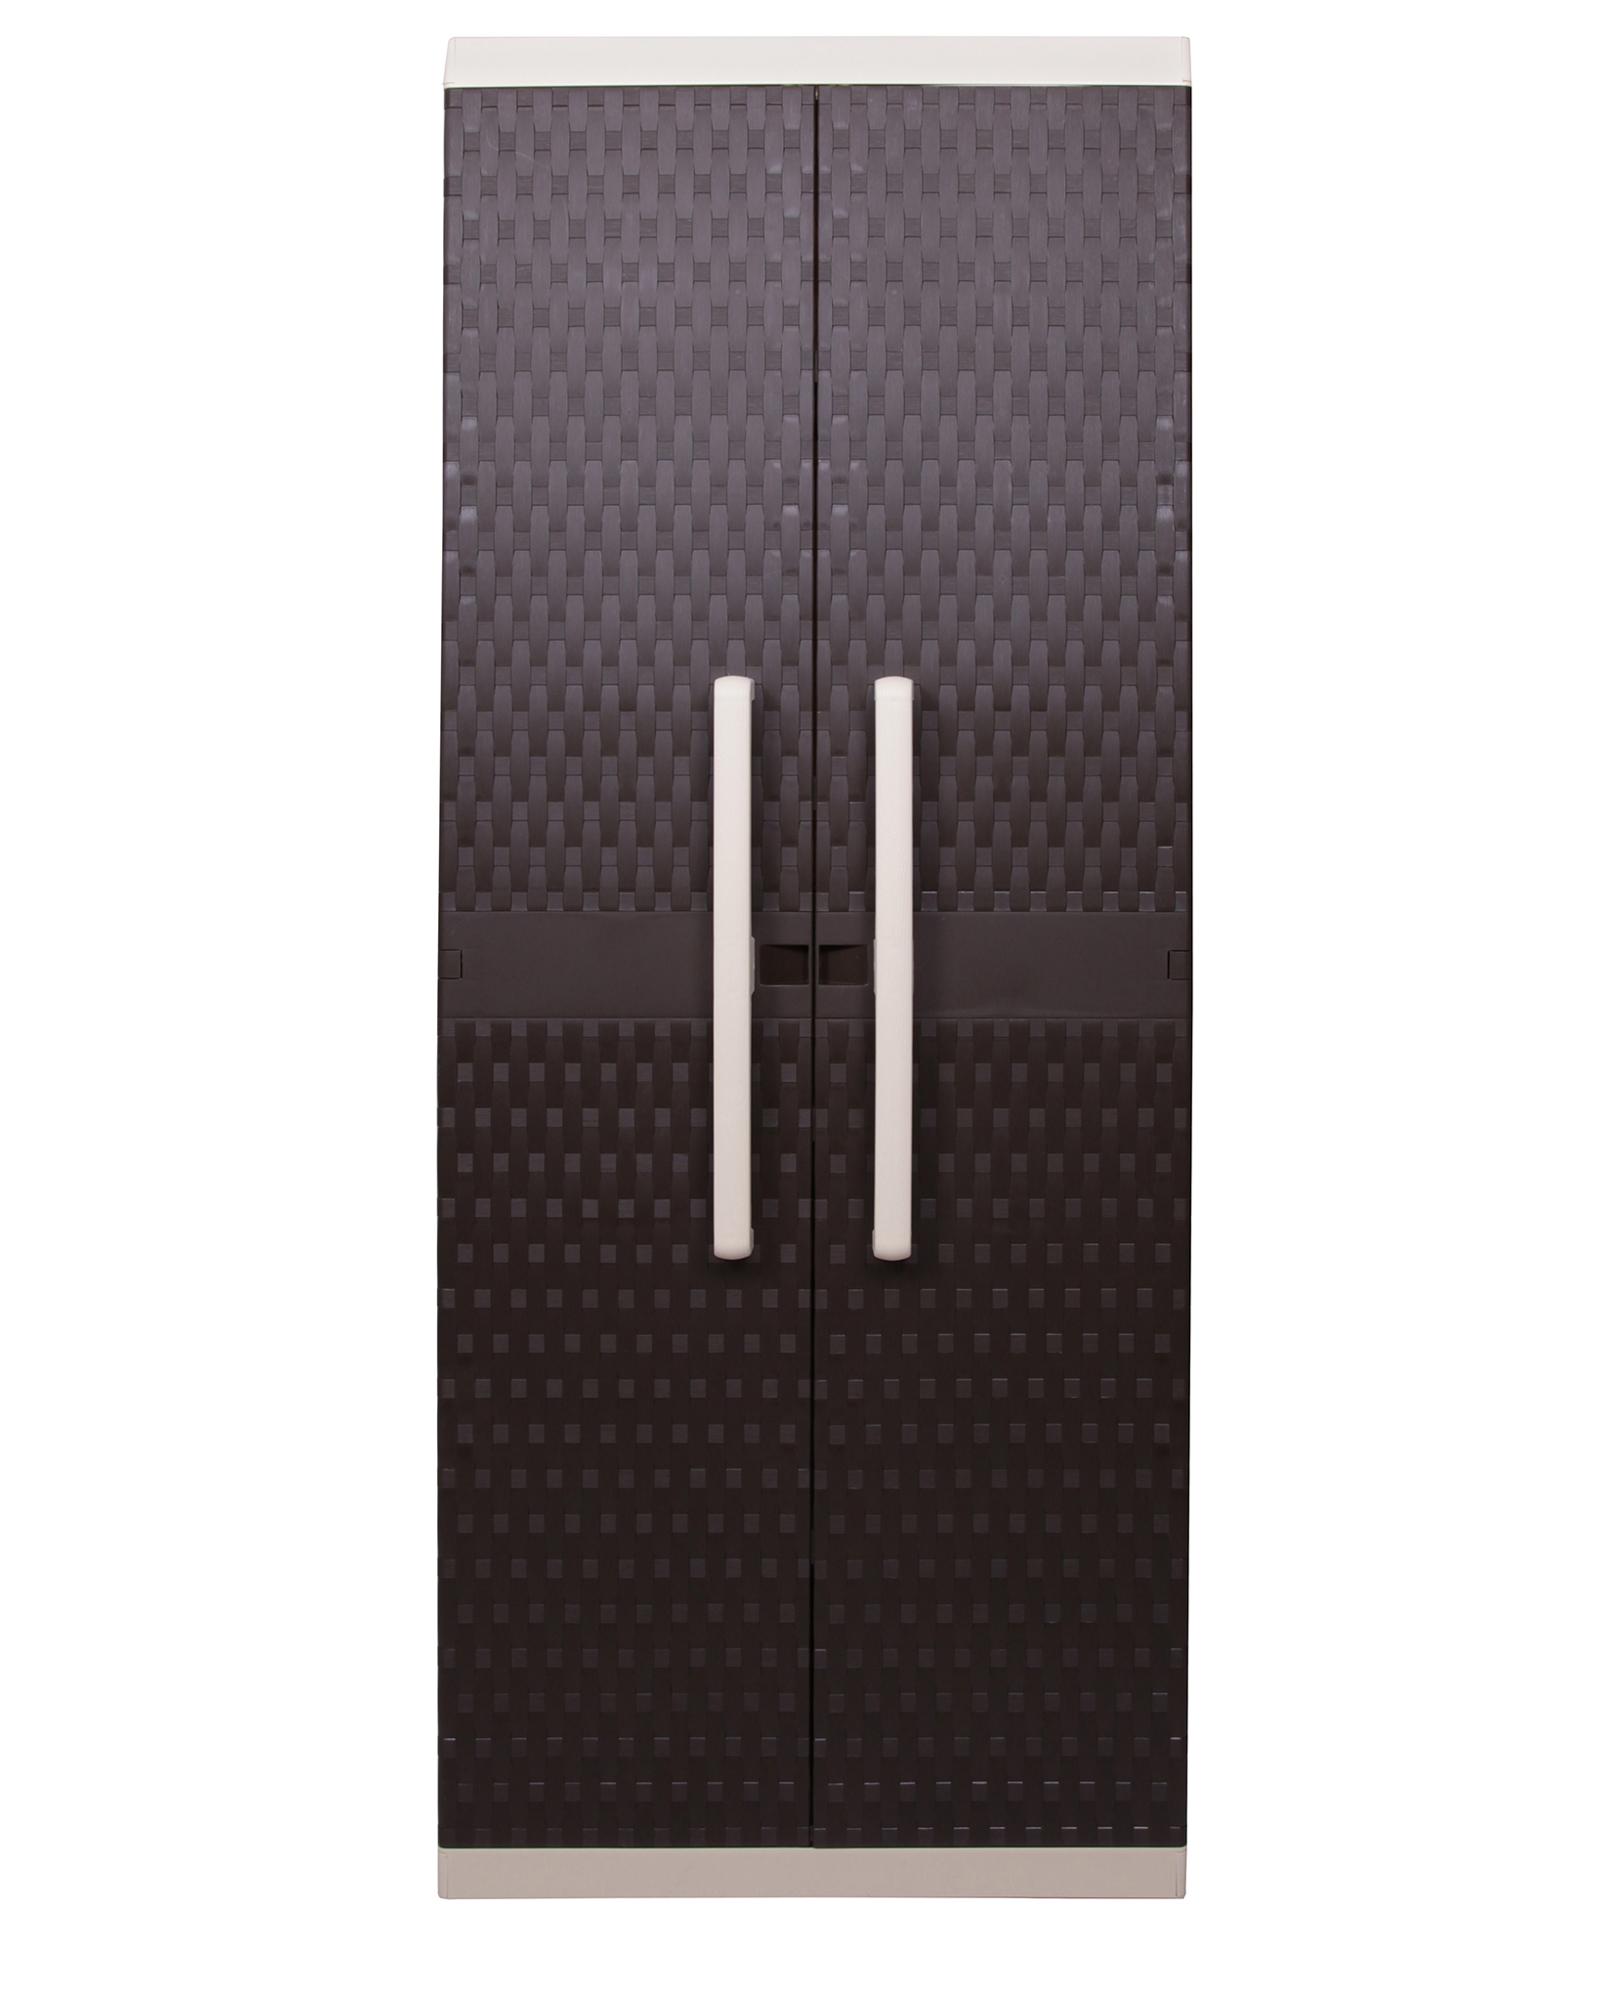 gartenspind kunststoffspindschrank terrassenspind besenschrank rattan m spind ebay. Black Bedroom Furniture Sets. Home Design Ideas